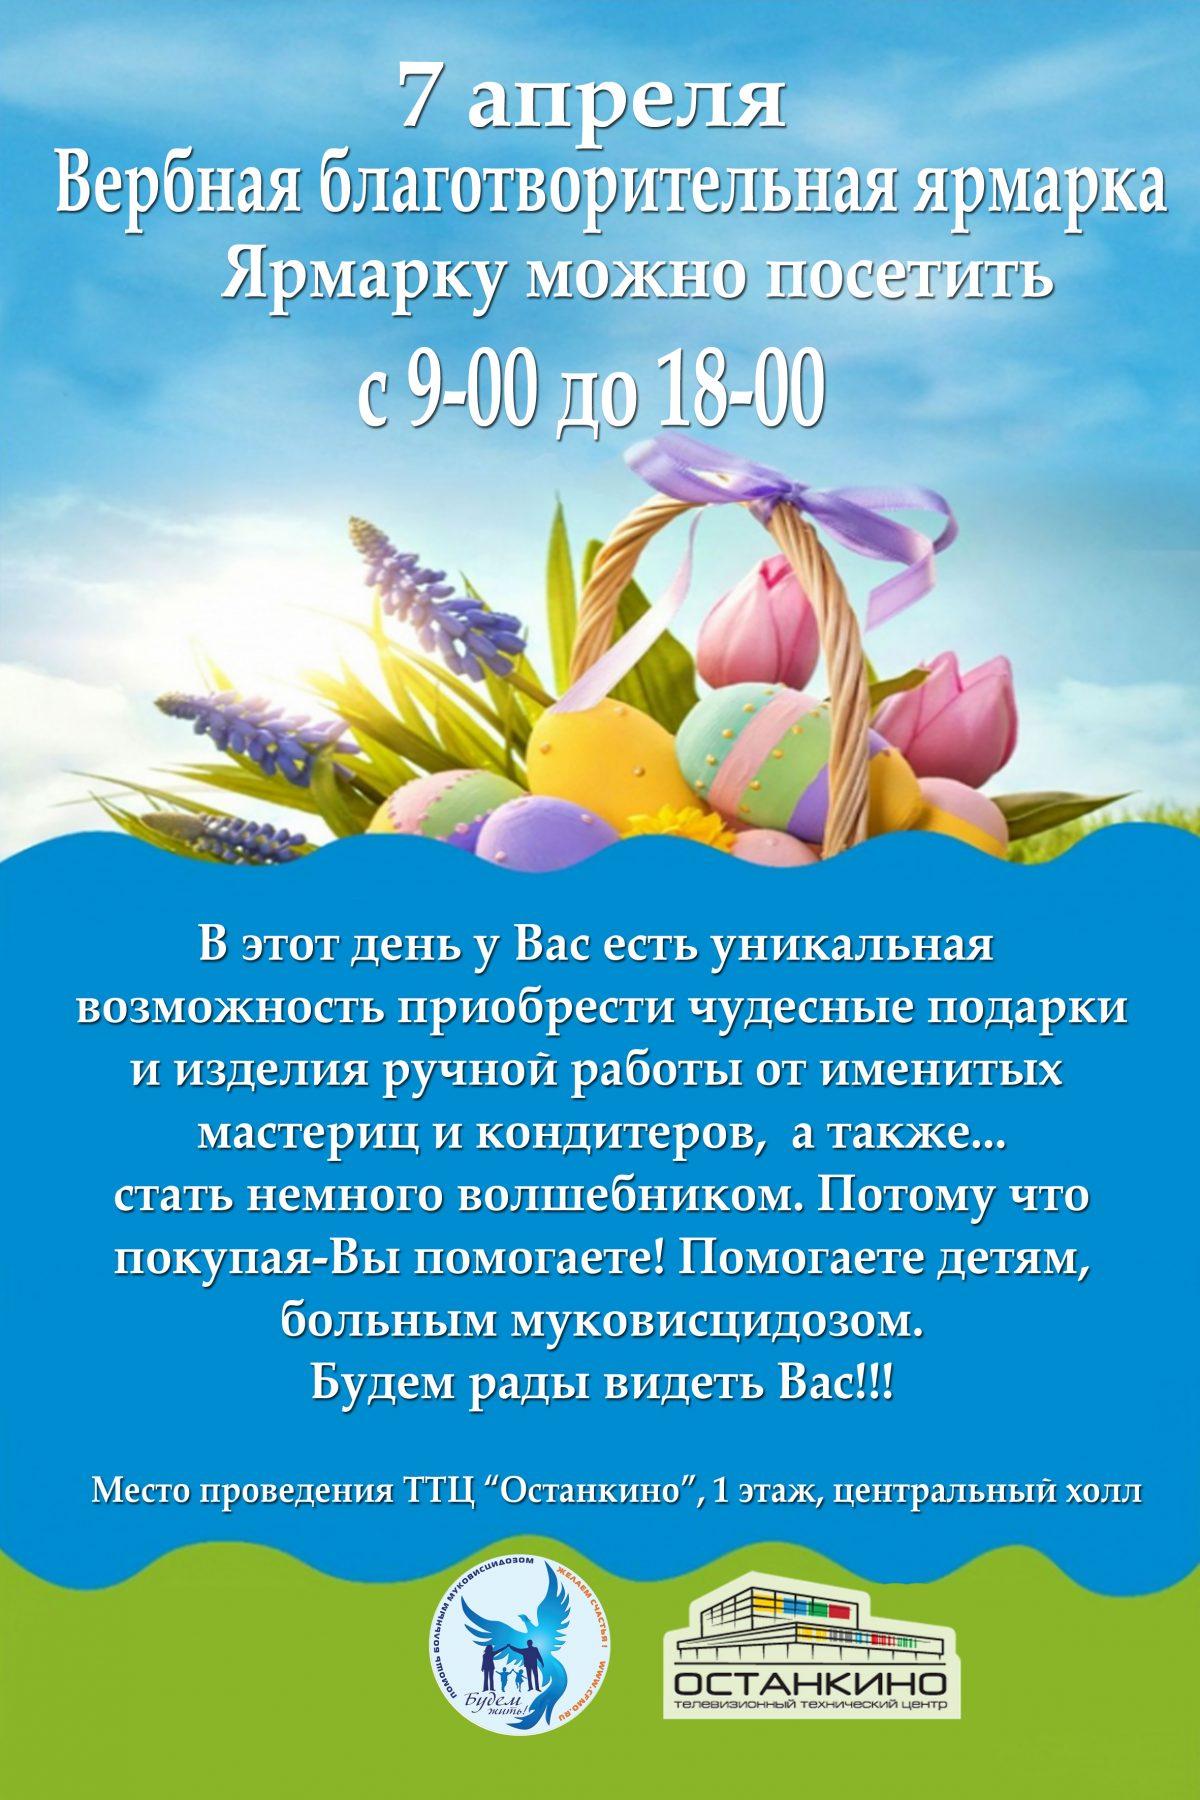 Вербная благотворительная ярмарка в ТТЦ «Останкино»